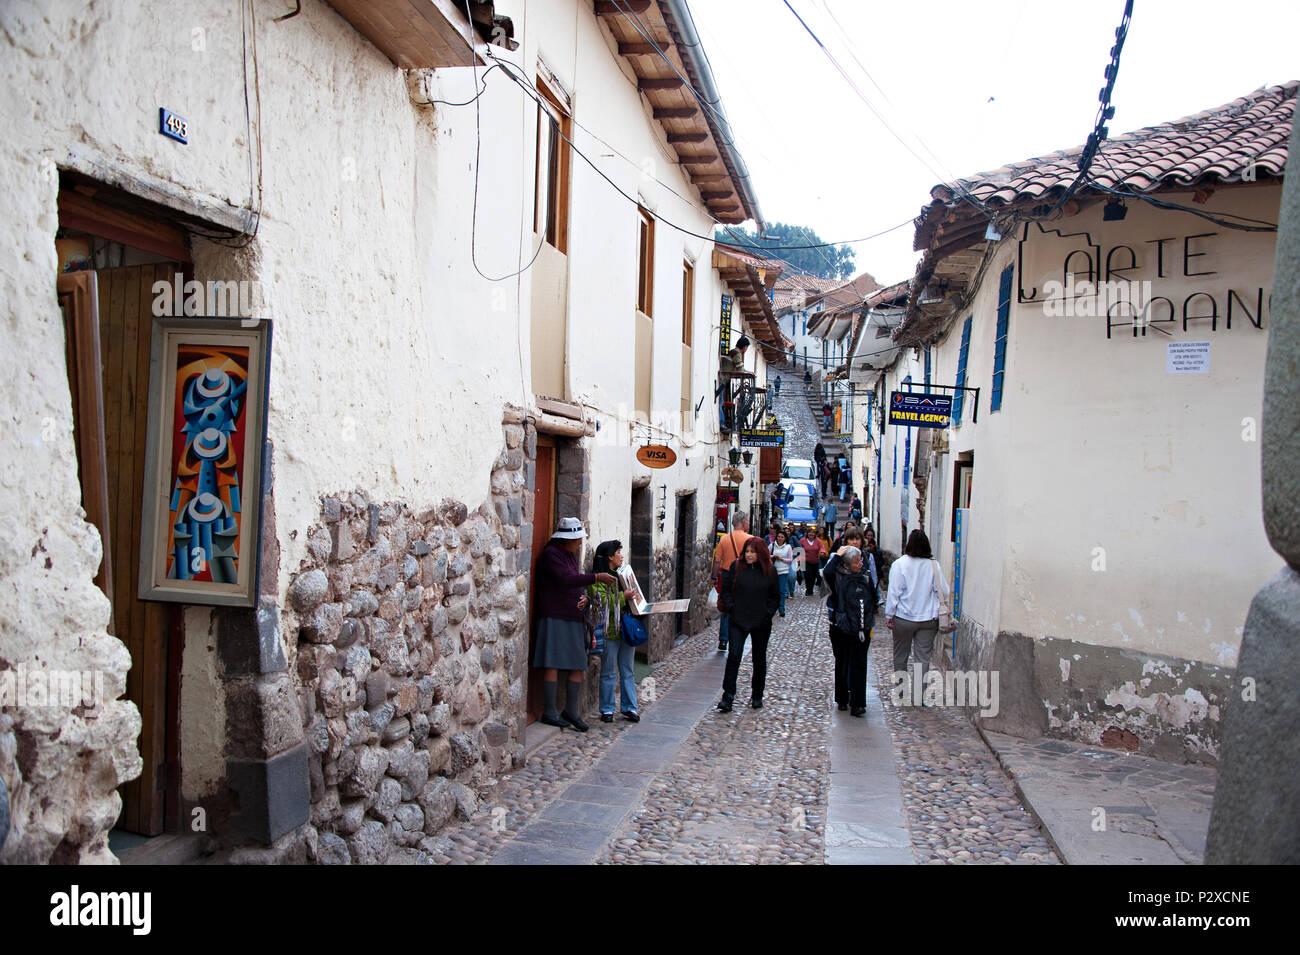 Una tipica strada stretta con la sua pavimentazione in ciottoli in Cusco, Perù Sud America. A sinistra mostra l'ingresso alla Galleria d'arte. Foto Stock